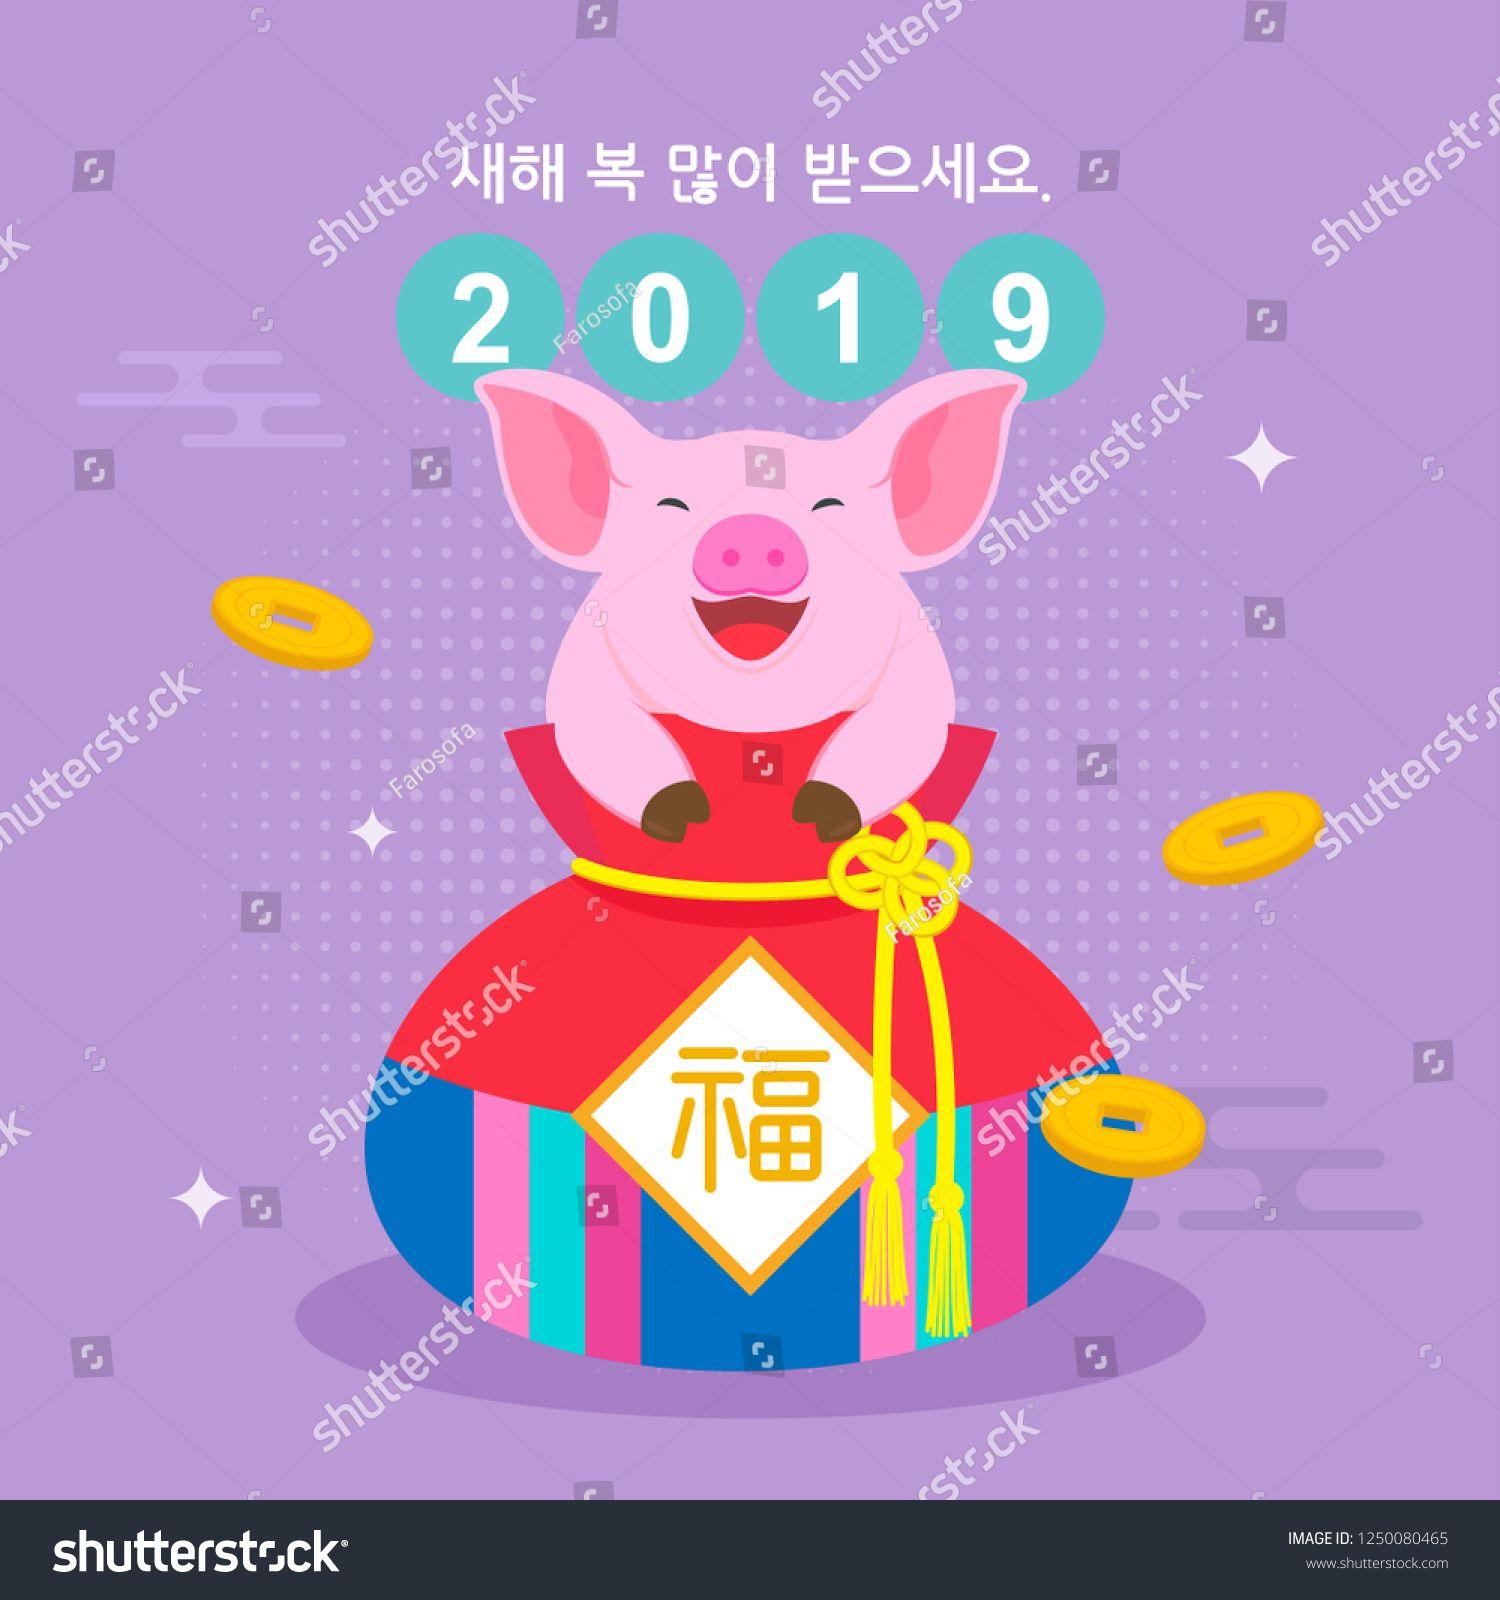 Seollal Korean New Year Greeting Card Vector Illustration Cute Pig In Fortune Bag Korean Transla New Year Greeting Cards New Year Greetings Korean New Year